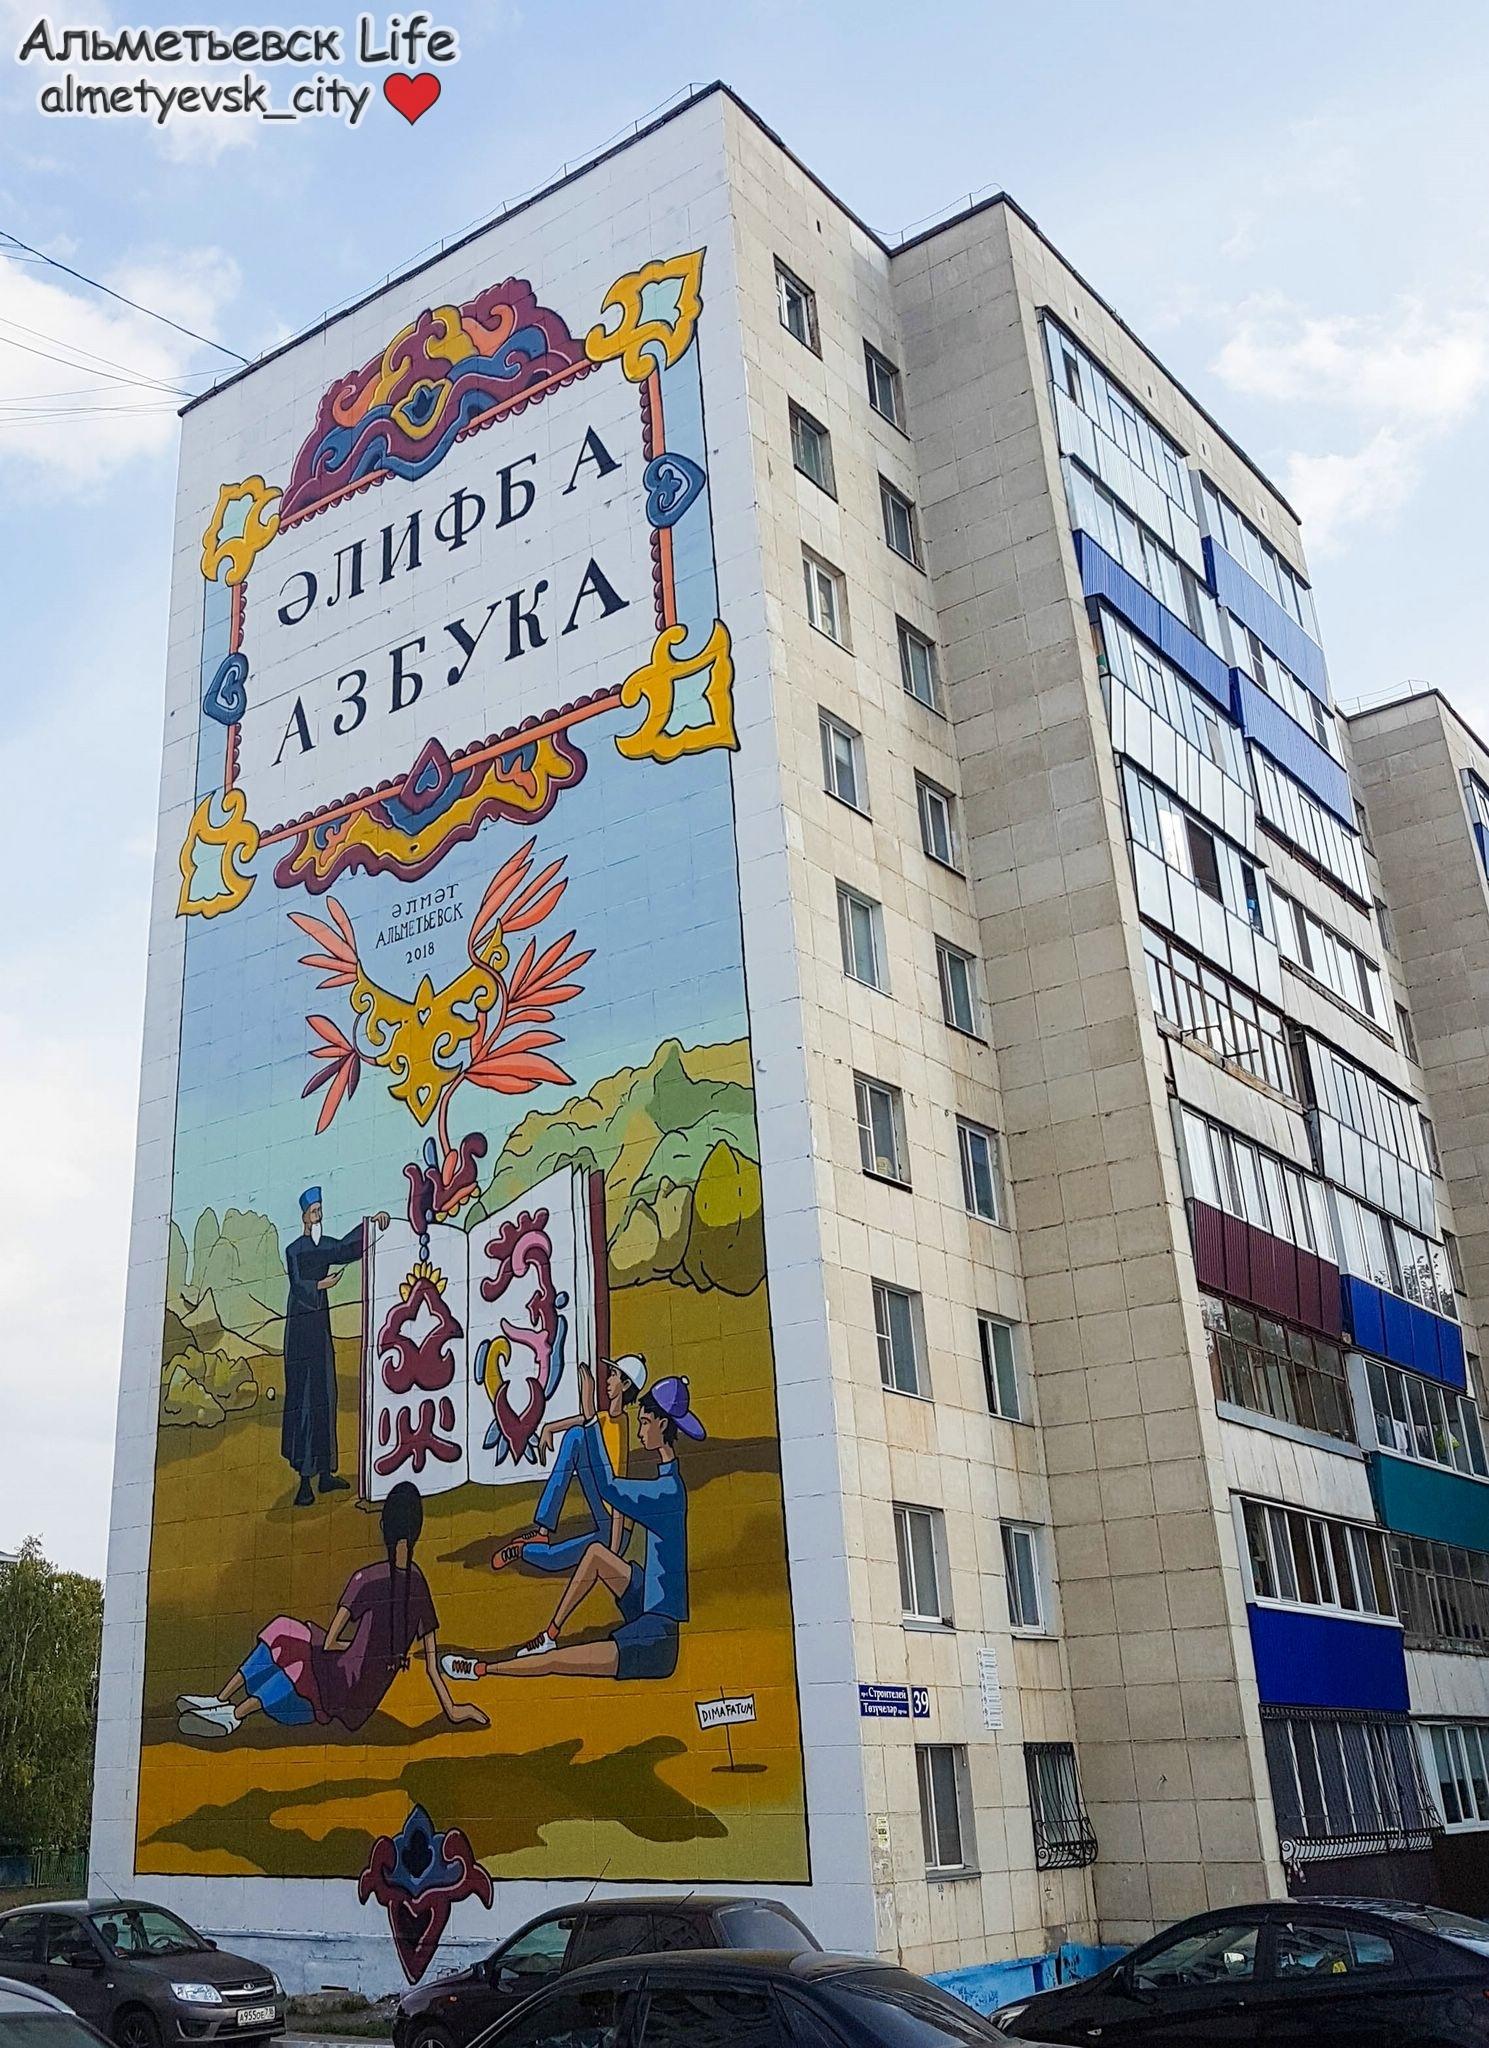 «Сказки о золотых яблоках» — пятилетняя паблик-арт программа в Альметьевске.